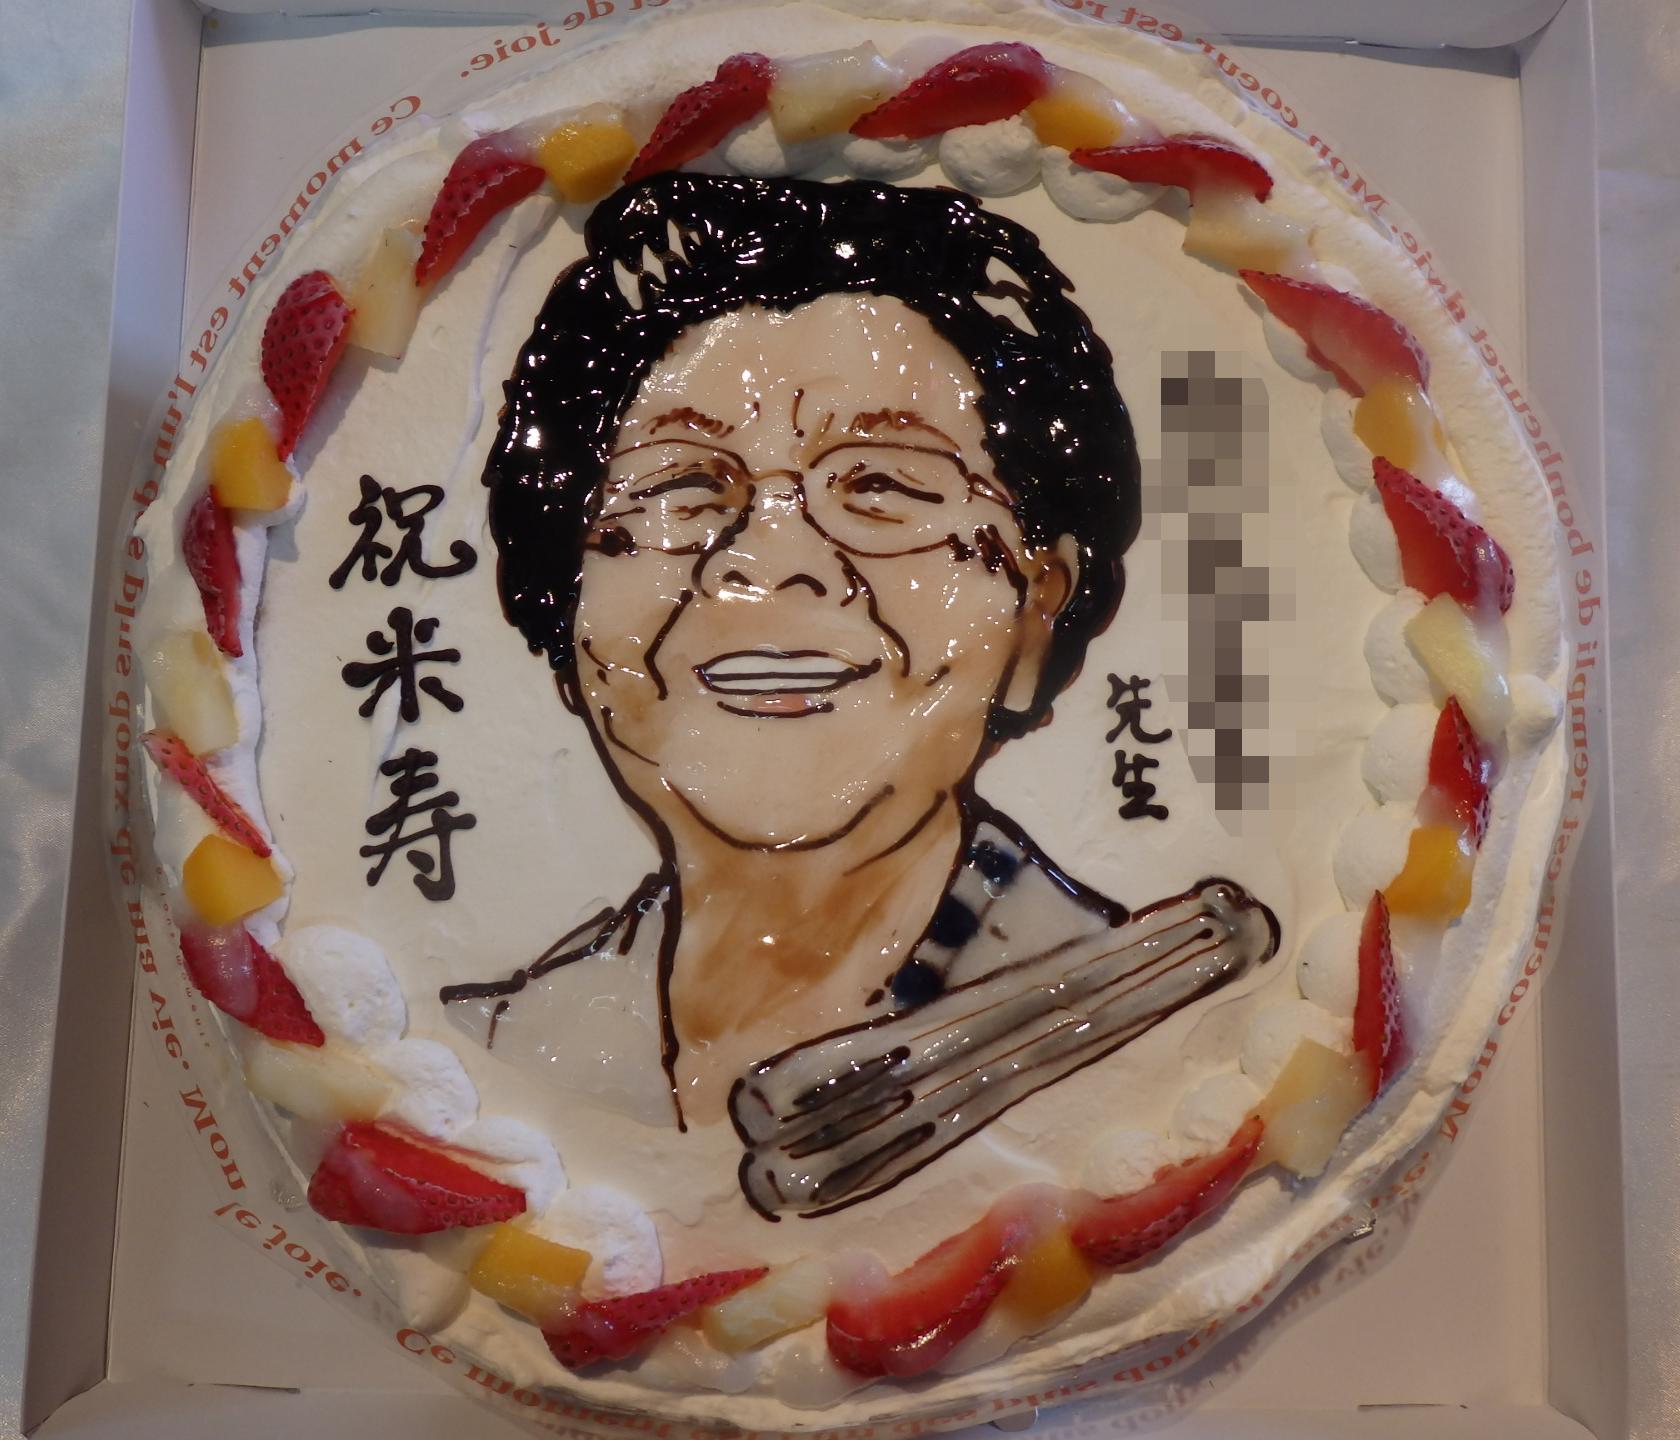 【送料無料】似顔絵ケーキ6号(直径18cm・4〜6人様用)の画像8枚目